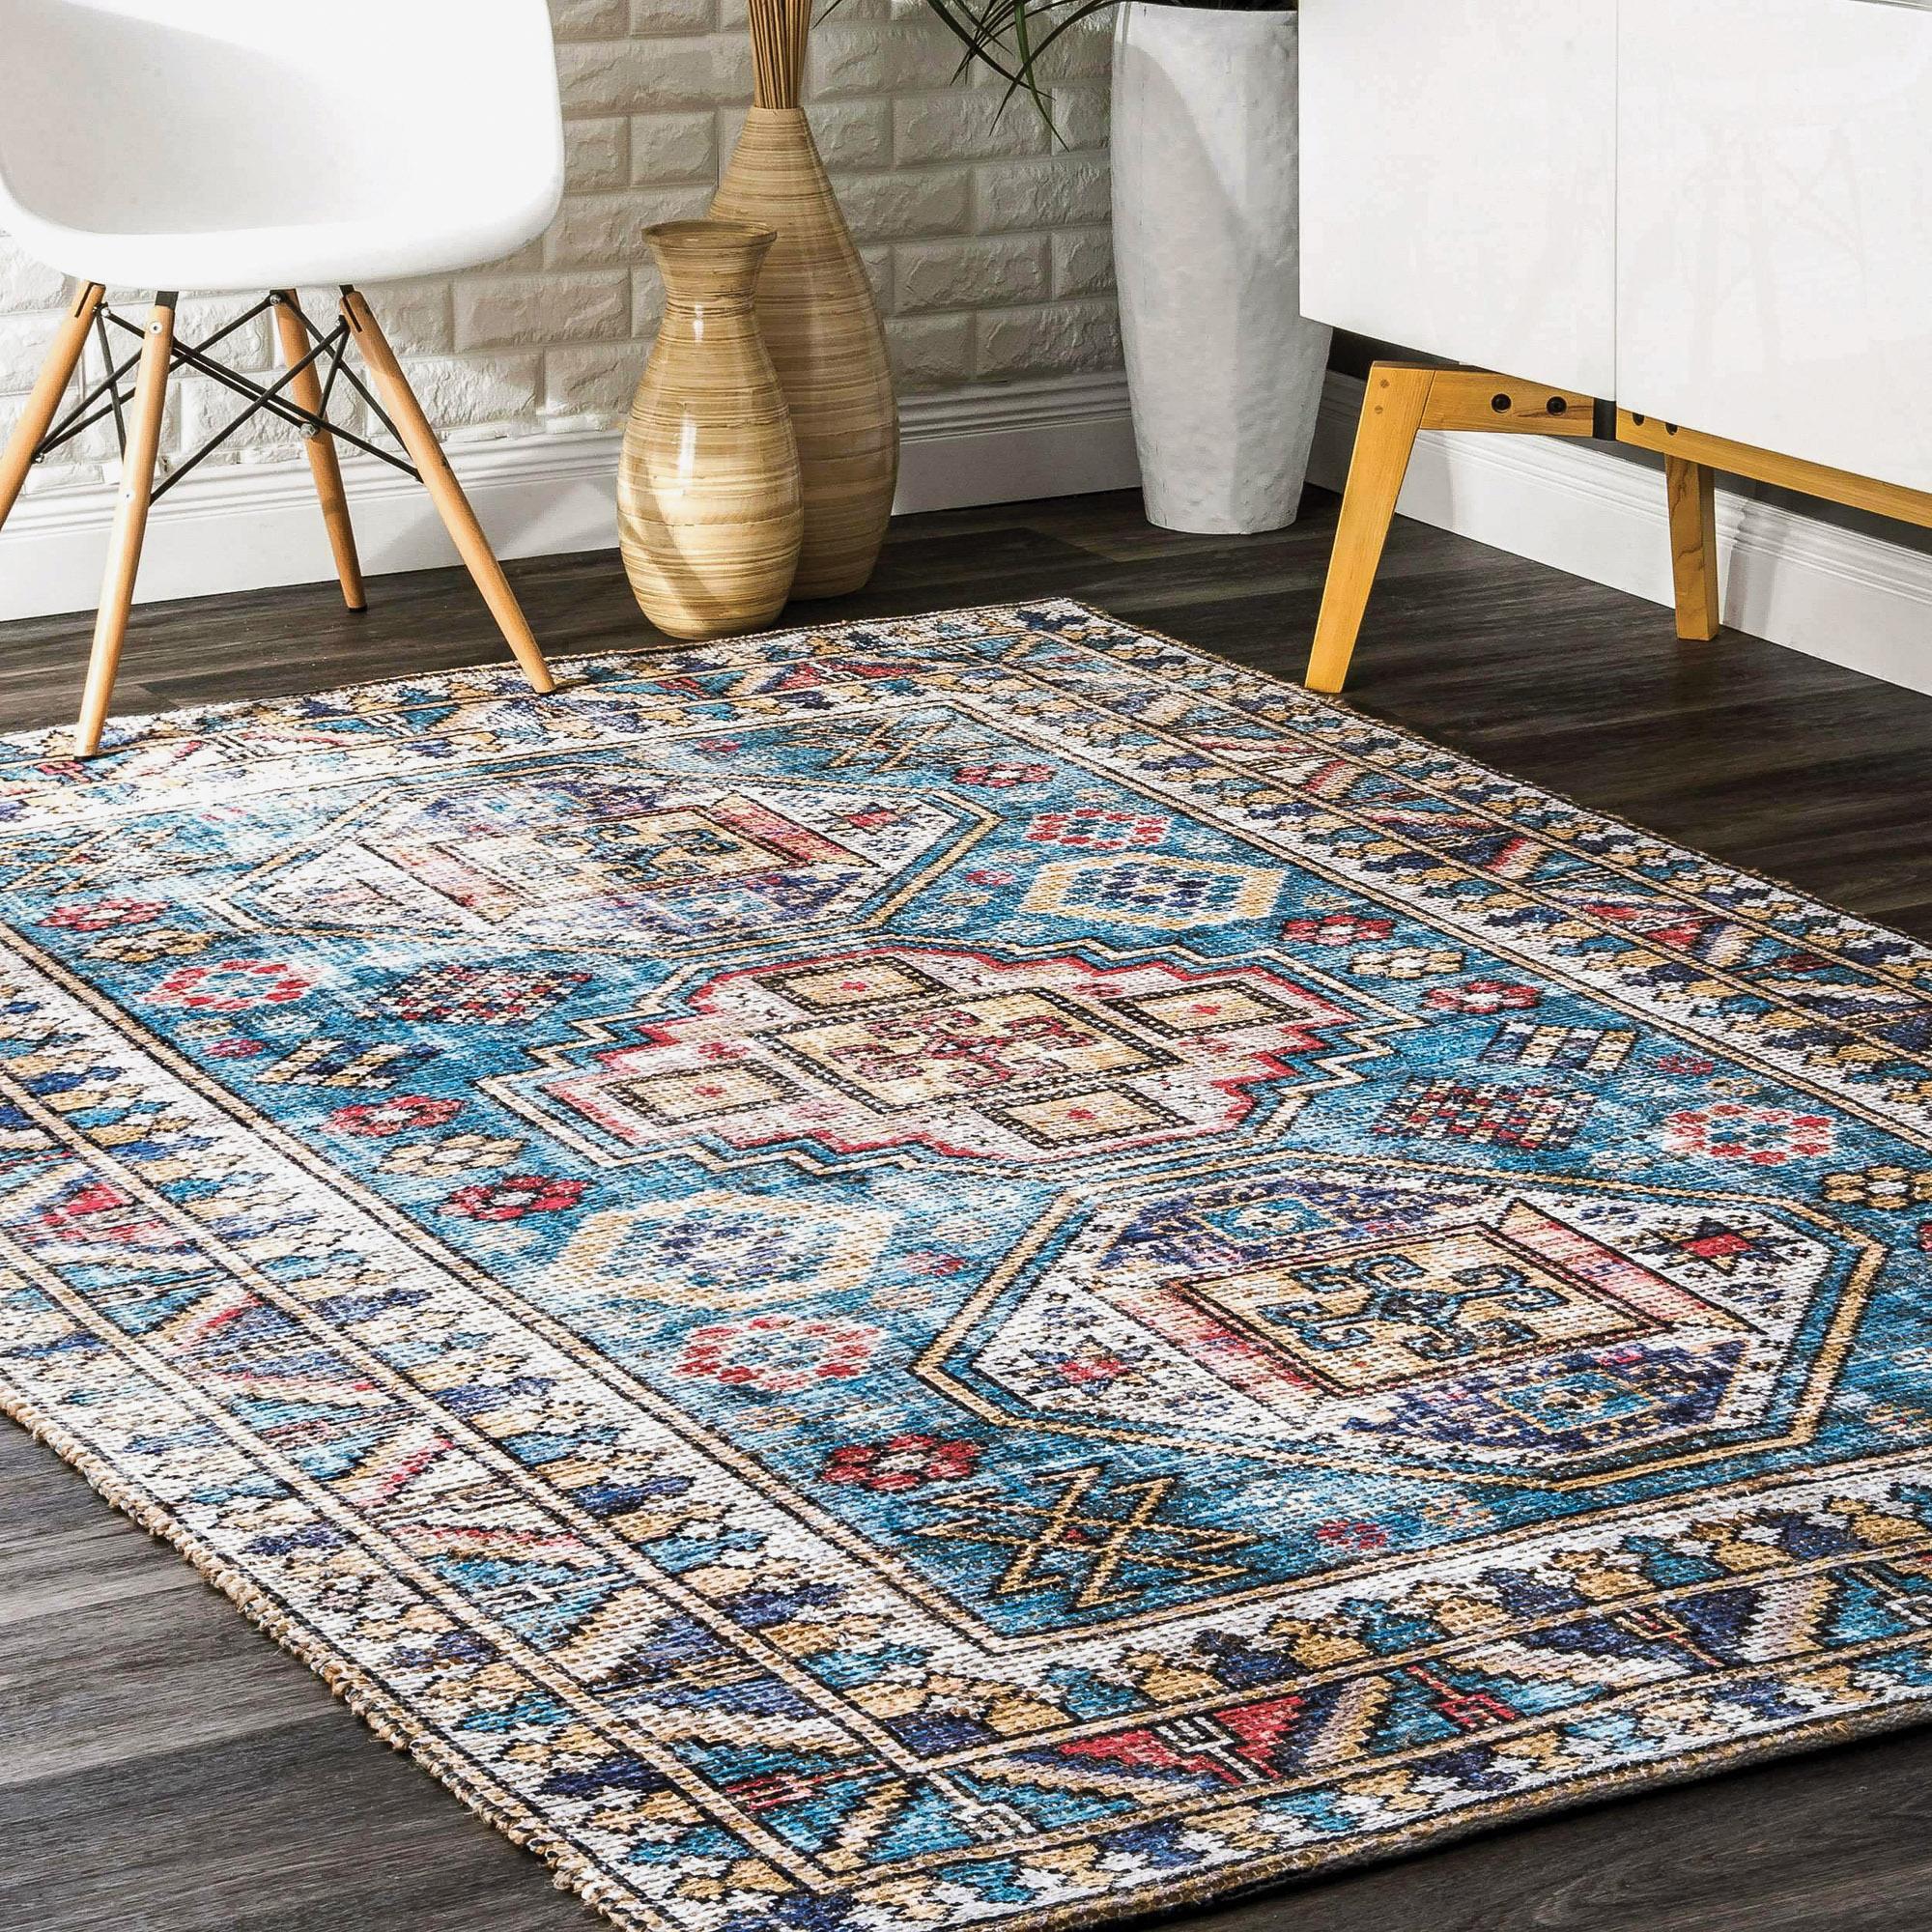 'Arlene' rug, nuLOOM